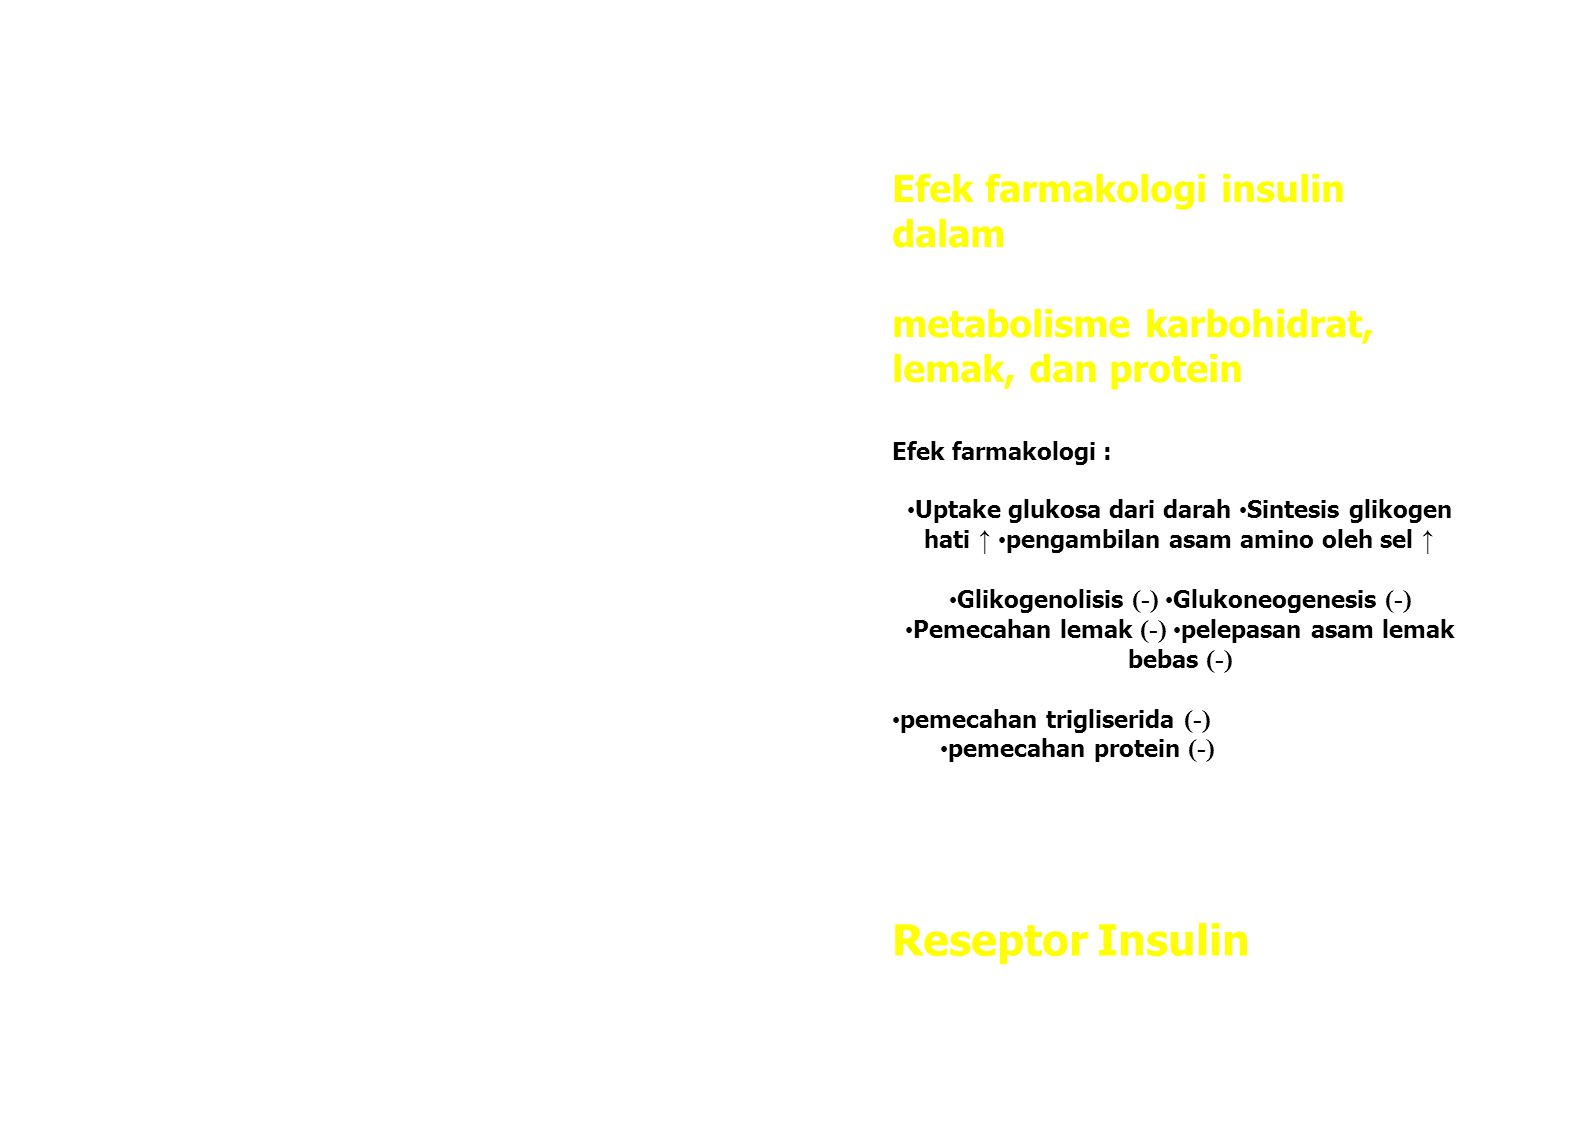 Efek farmakologi insulin dalam metabolisme karbohidrat, lemak, dan protein Efek farmakologi : Uptake glukosa dari darah Sintesis glikogen hati ↑ pengambilan asam amino oleh sel ↑ Glikogenolisis (-) Glukoneogenesis (-) Pemecahan lemak (-) pelepasan asam lemak bebas (-) pemecahan trigliserida (-) pemecahan protein (-) Reseptor Insulin